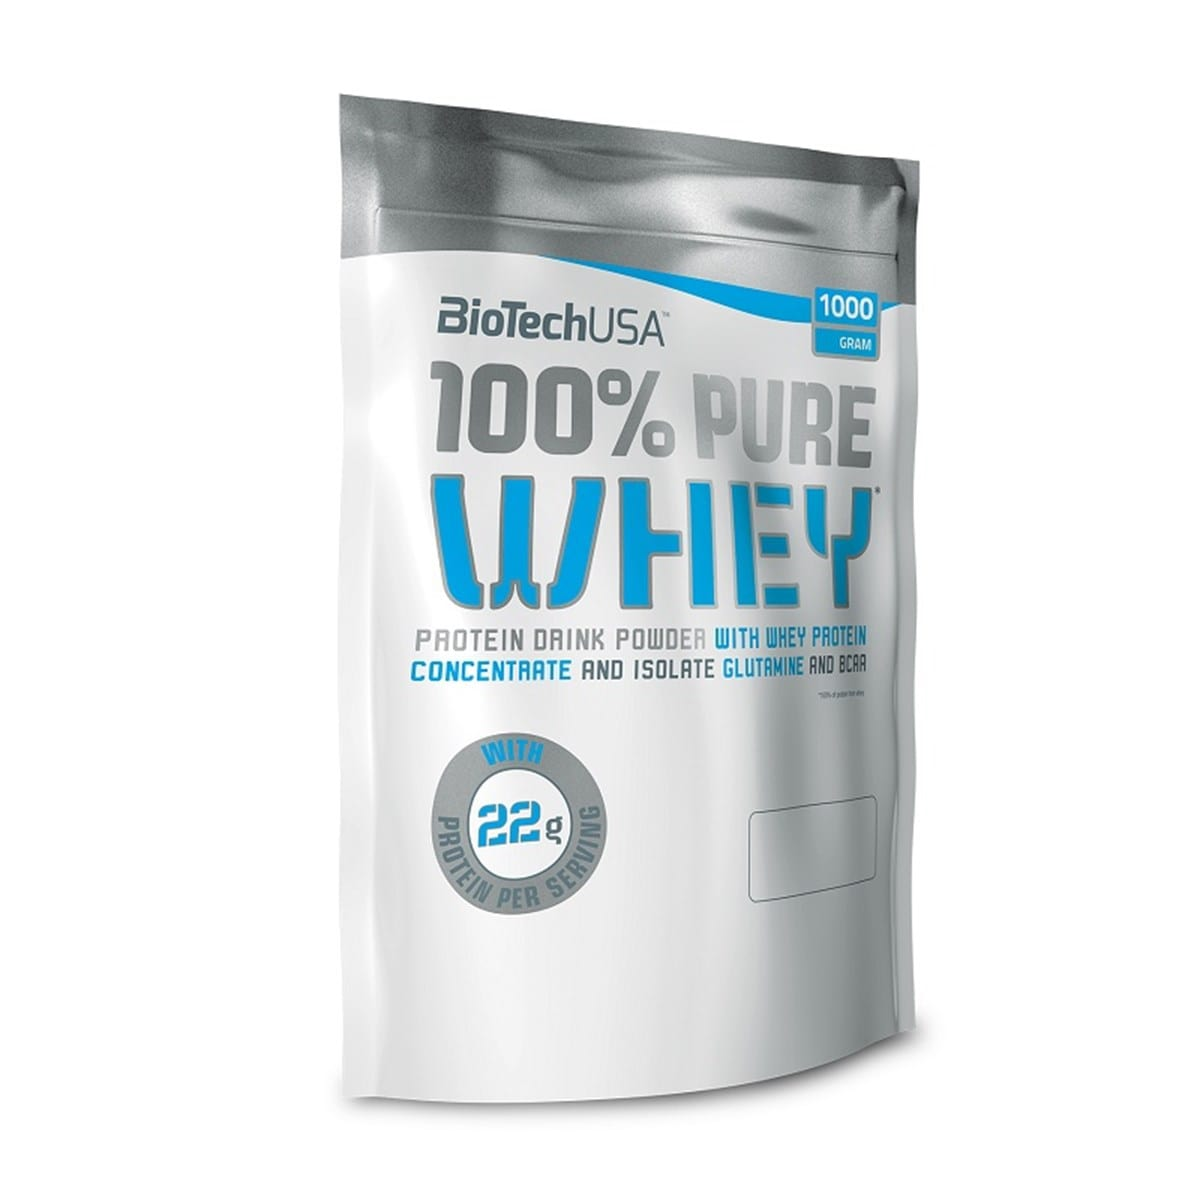 100% Pure Whey, Raspberry Cheesecake - 1000g versandkostenfrei/portofrei bestellen/kaufen